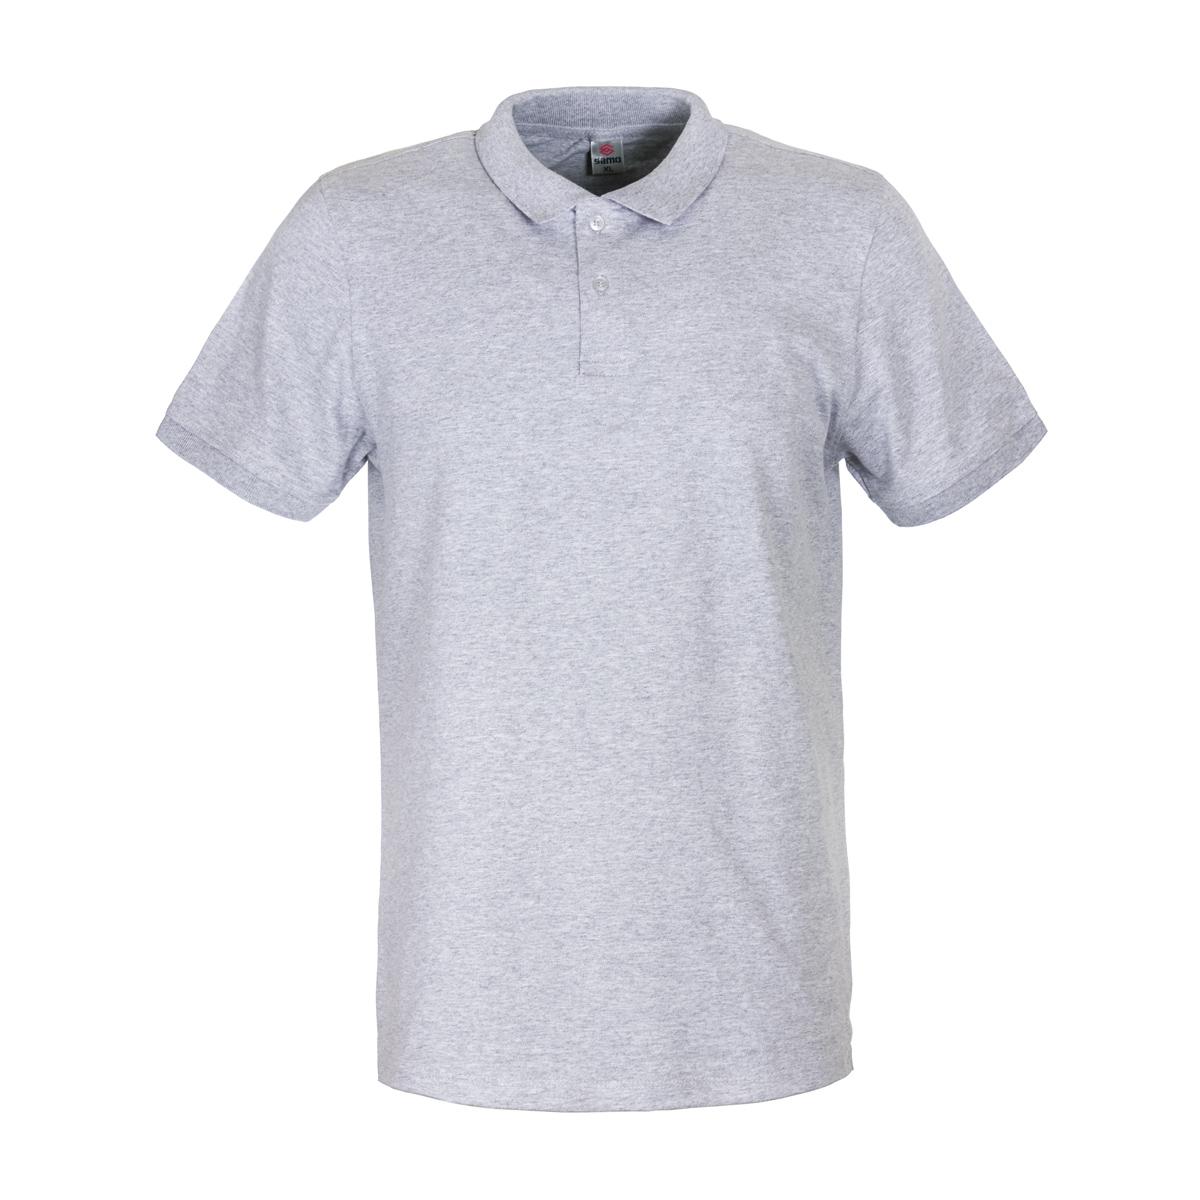 Муж. футболка арт. 04-0050 р. 52Майки и футболки<br>Фактический ОГ:106 см<br>Фактический ОТ:106 см<br>Фактический ОБ:106 см<br>Длина по спинке:74 см<br>Рост:176-182 см<br><br>Тип: Муж. футболка<br>Размер: 52<br>Материал: Пике